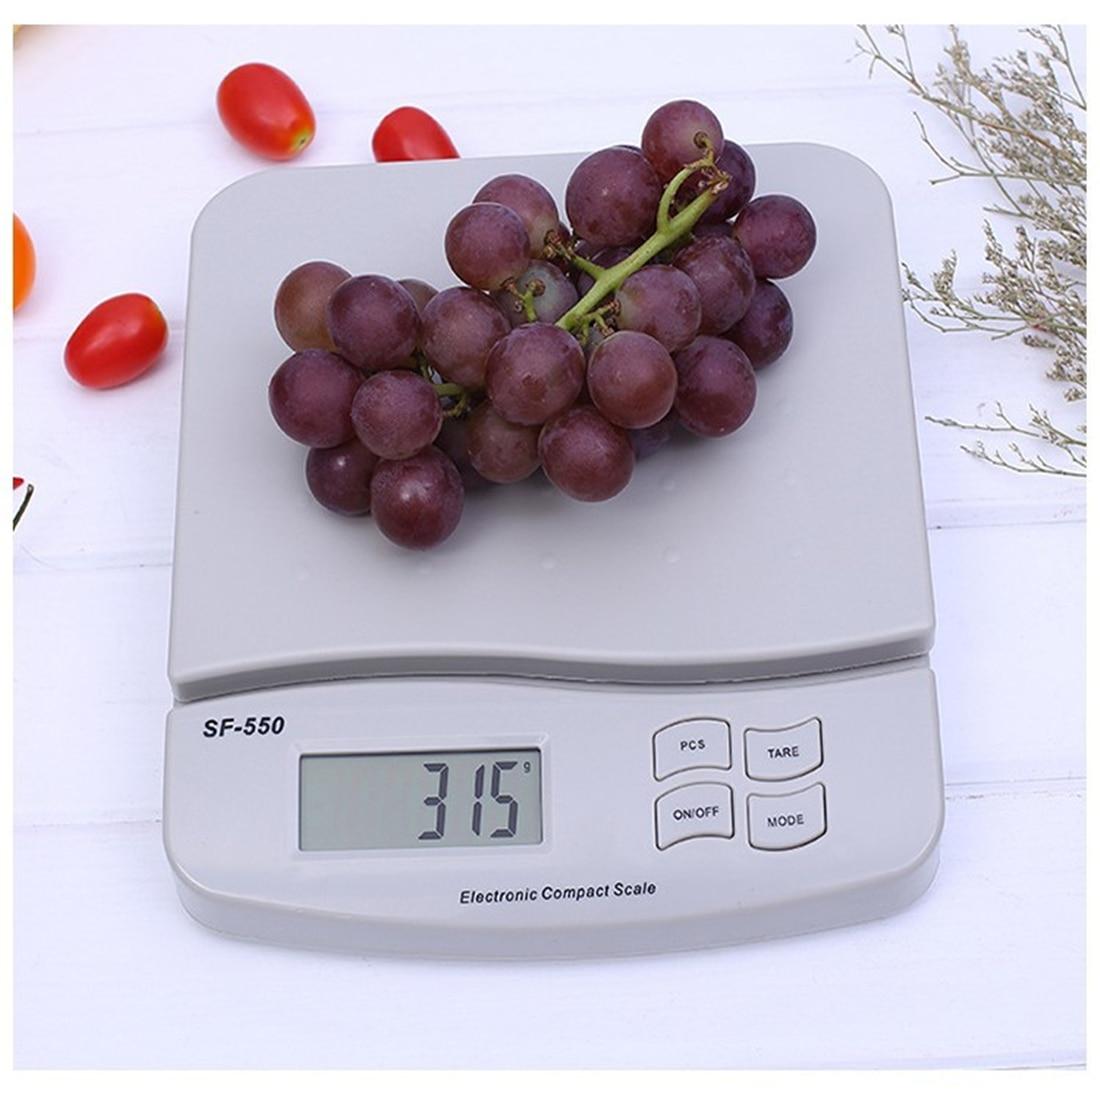 25 kg/1g alimentaire régime échelle numérique LCD rétro-éclairage électronique alimentaire régime cuisine poids Balance haute précision bijoux offre spéciale - 4